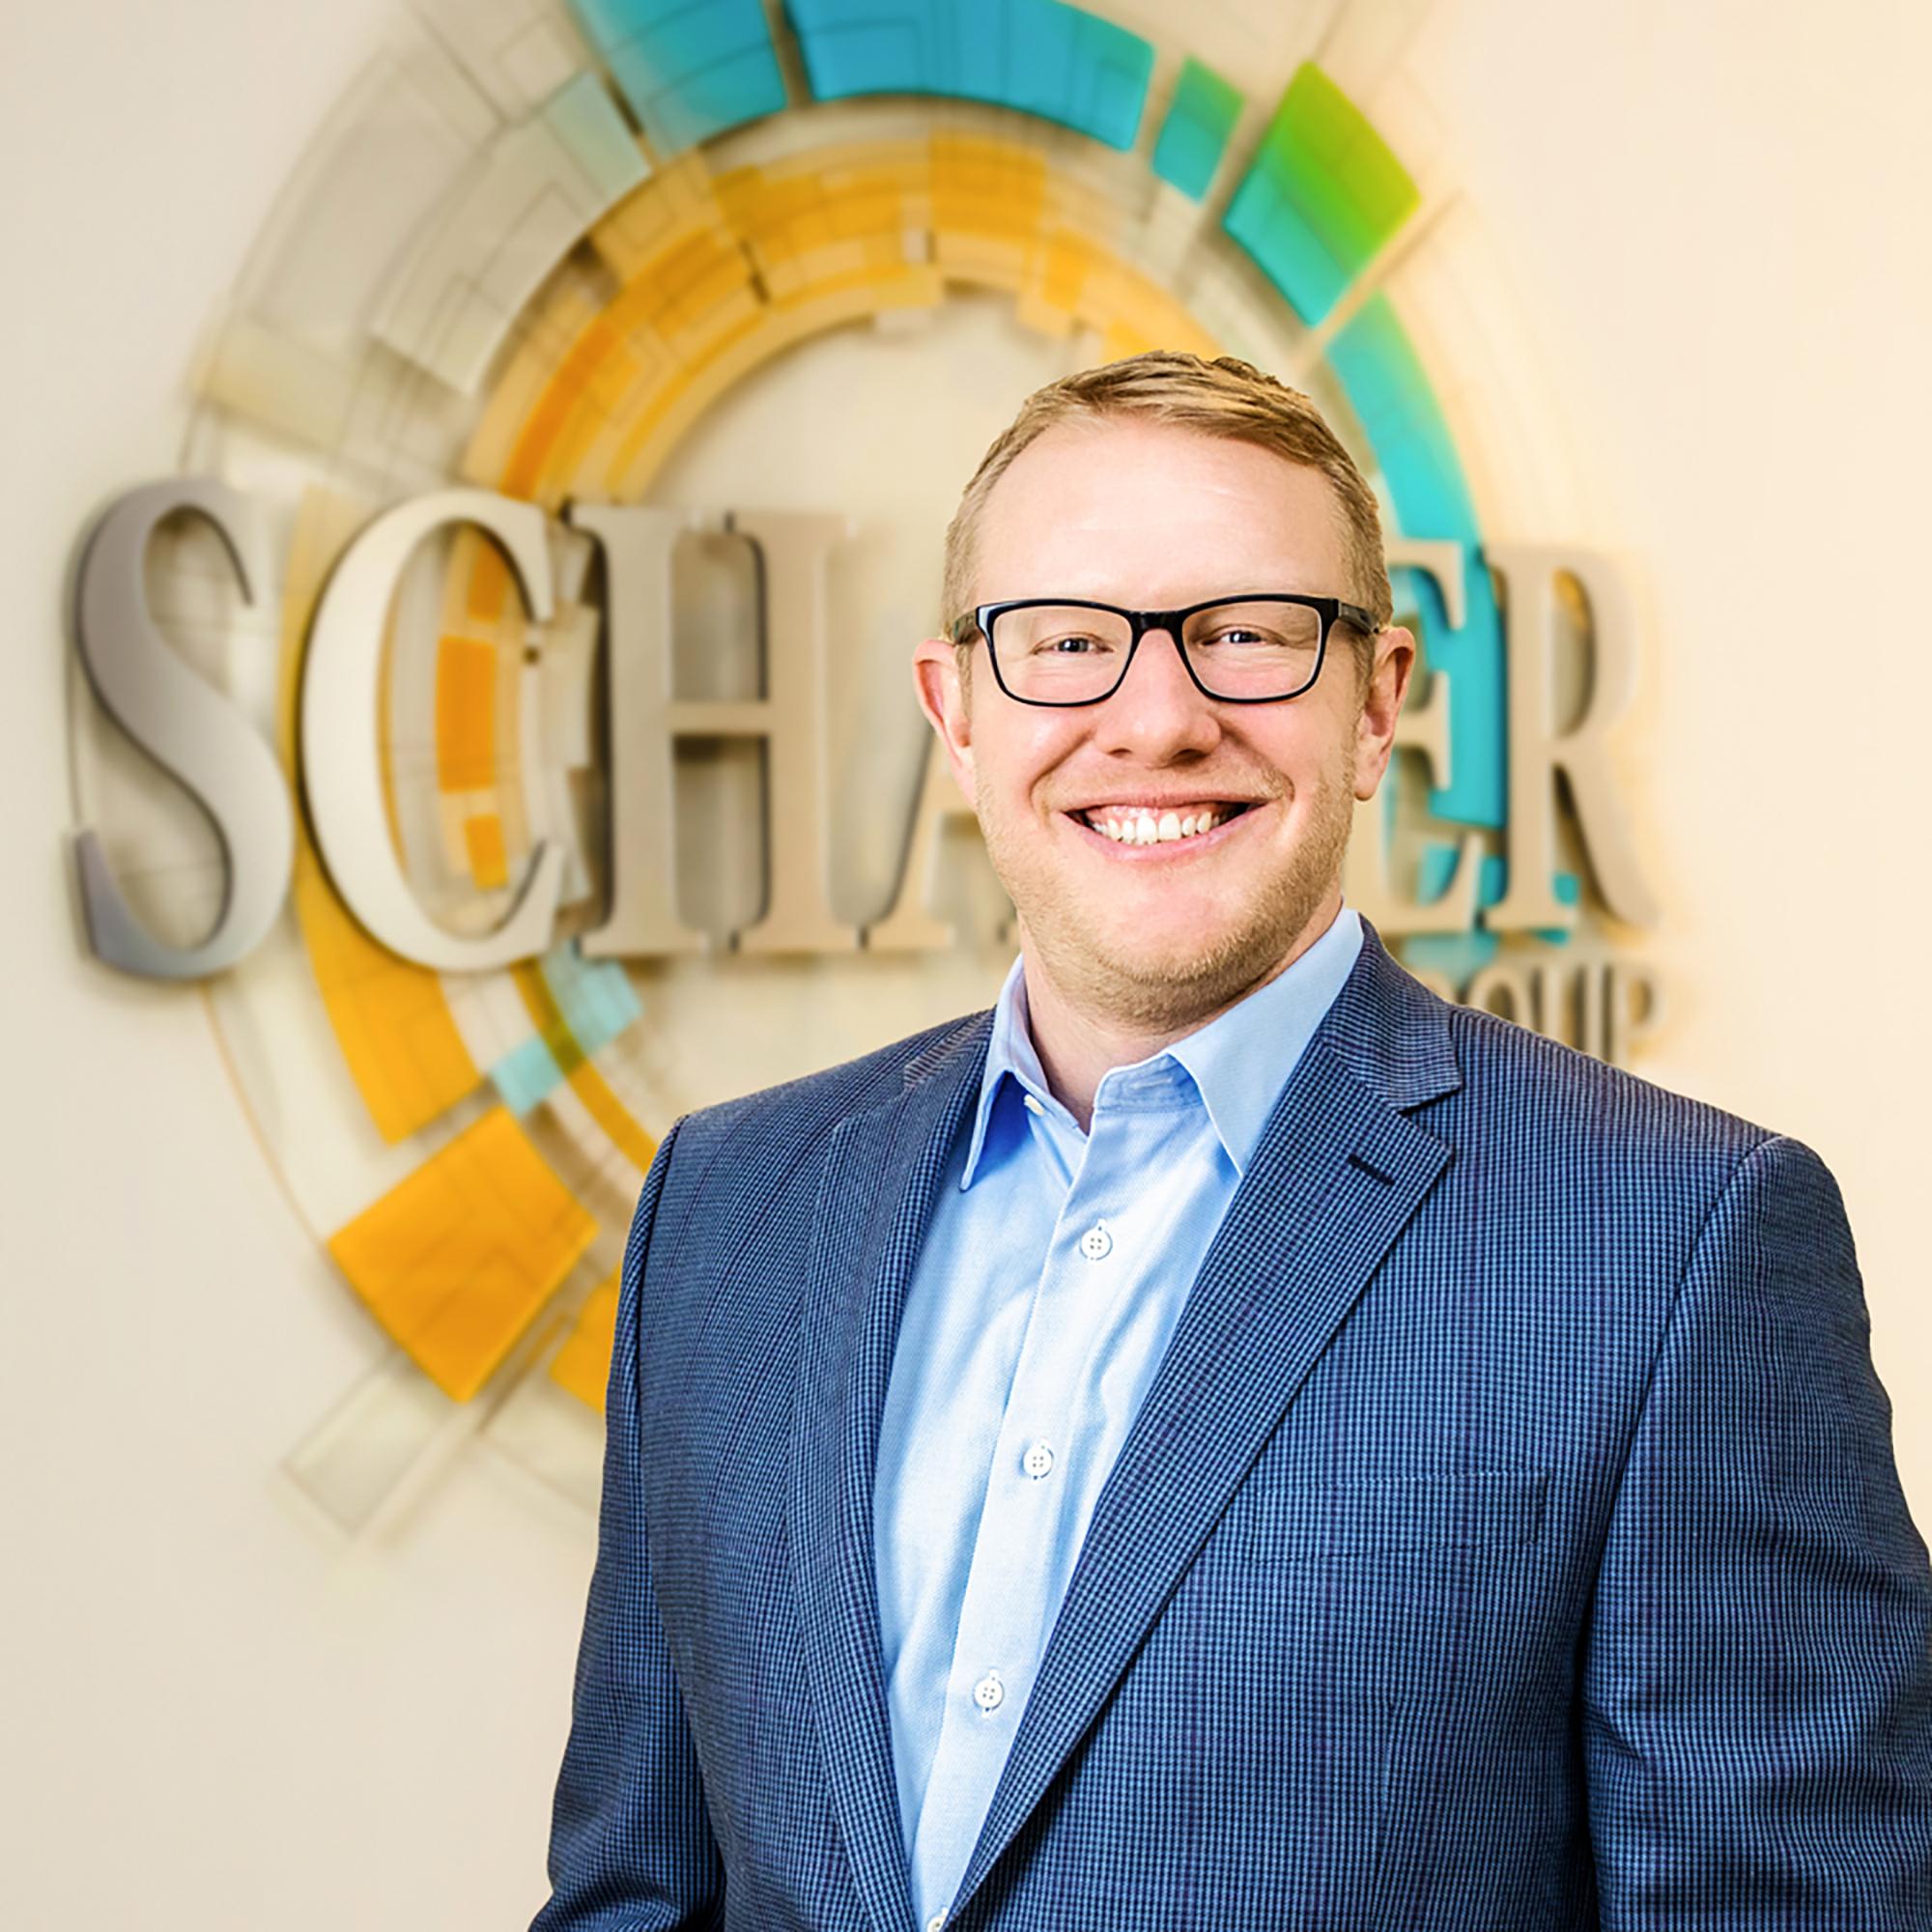 Joe Schauer, President & CEO